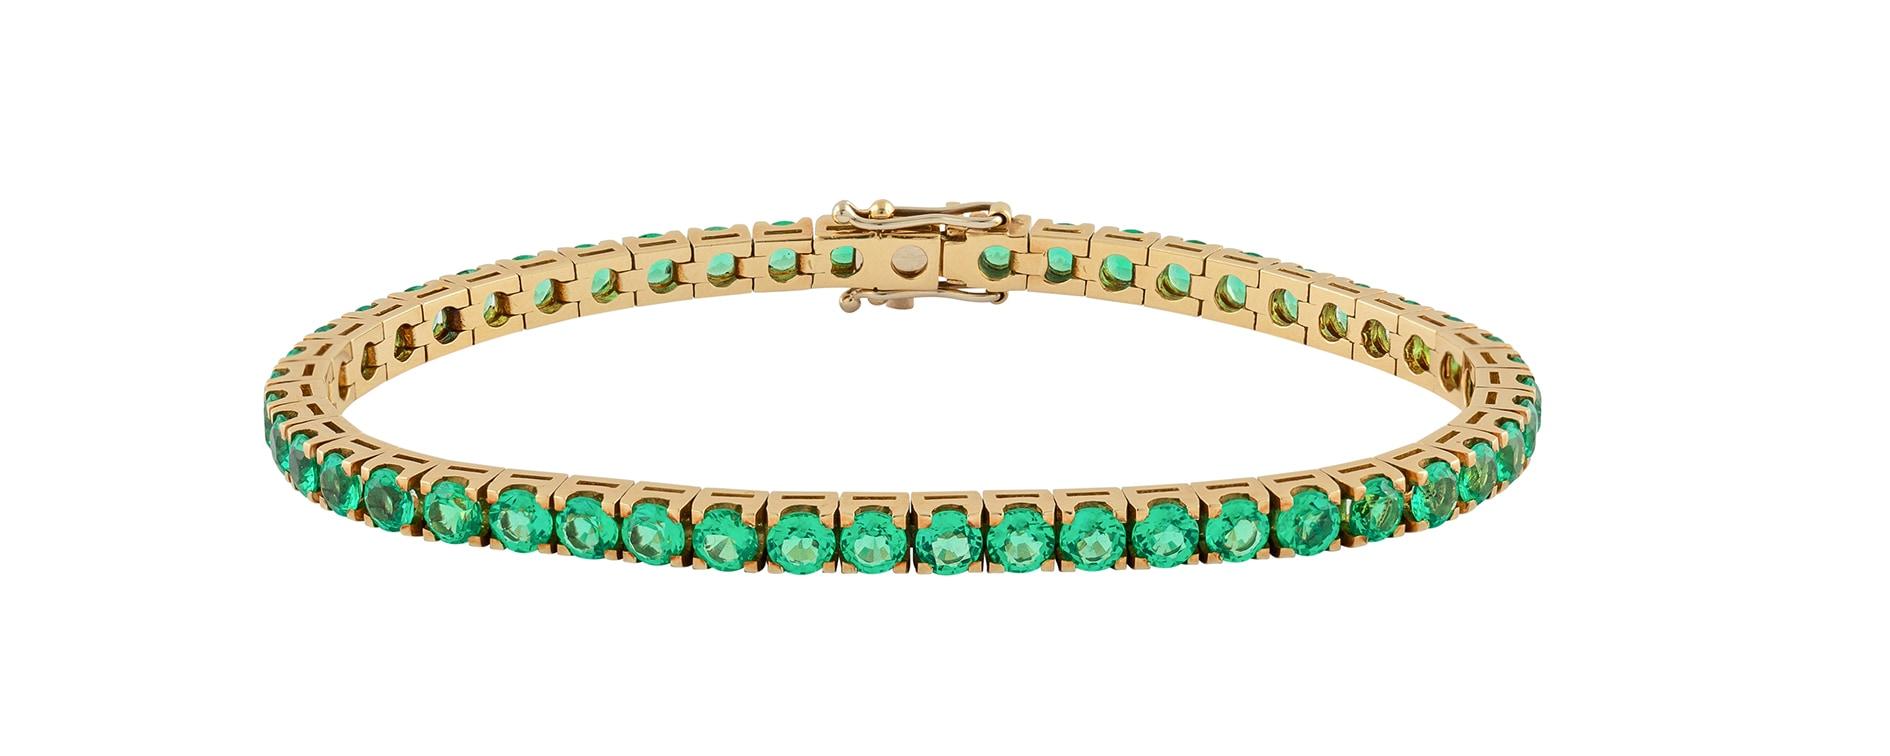 Bracciale tennis con smeraldi montati su oro giallo, PISA DIAMANTI (prezzo su richiesta).